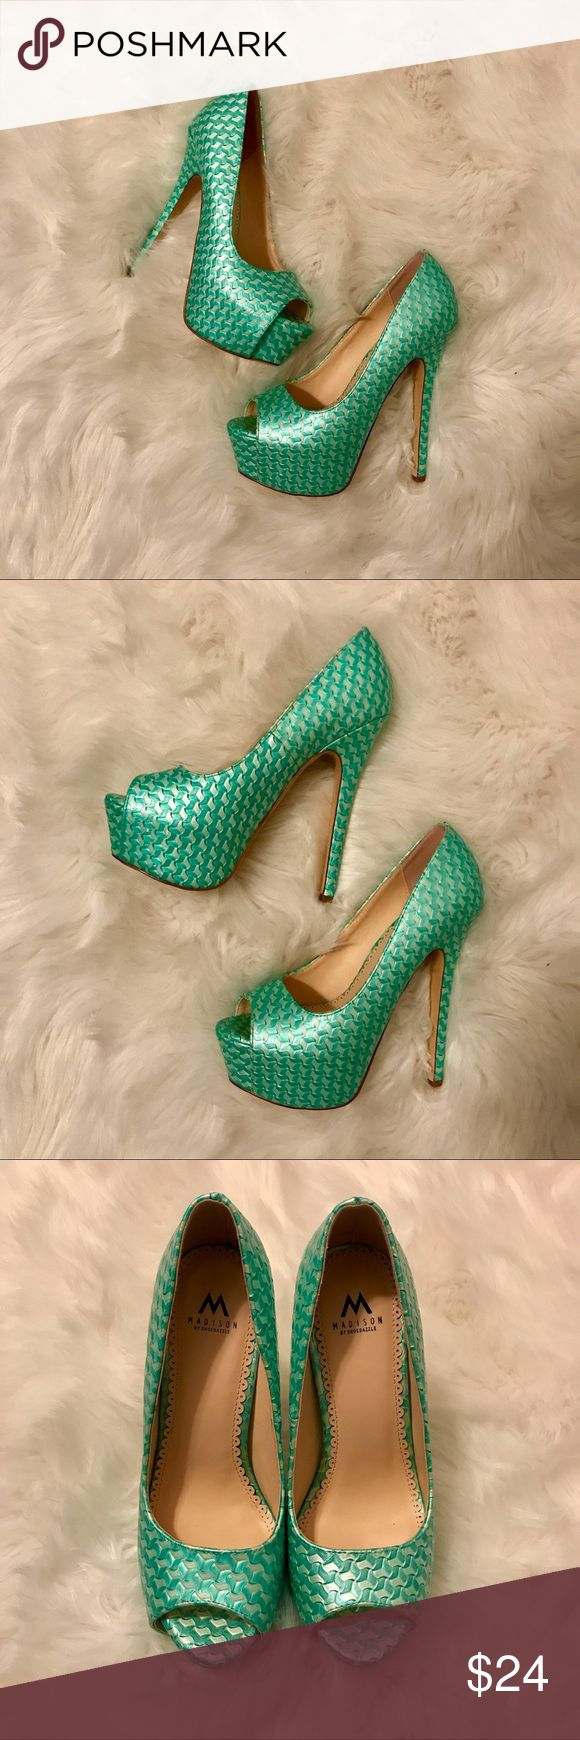 ShoeDazzle Turquoise/Seafoam Green Peep Toe Pumps ShoeDazzle Turquoise/Seafoam Green Peep Toe Pumps Shoe Dazzle Shoes Platforms